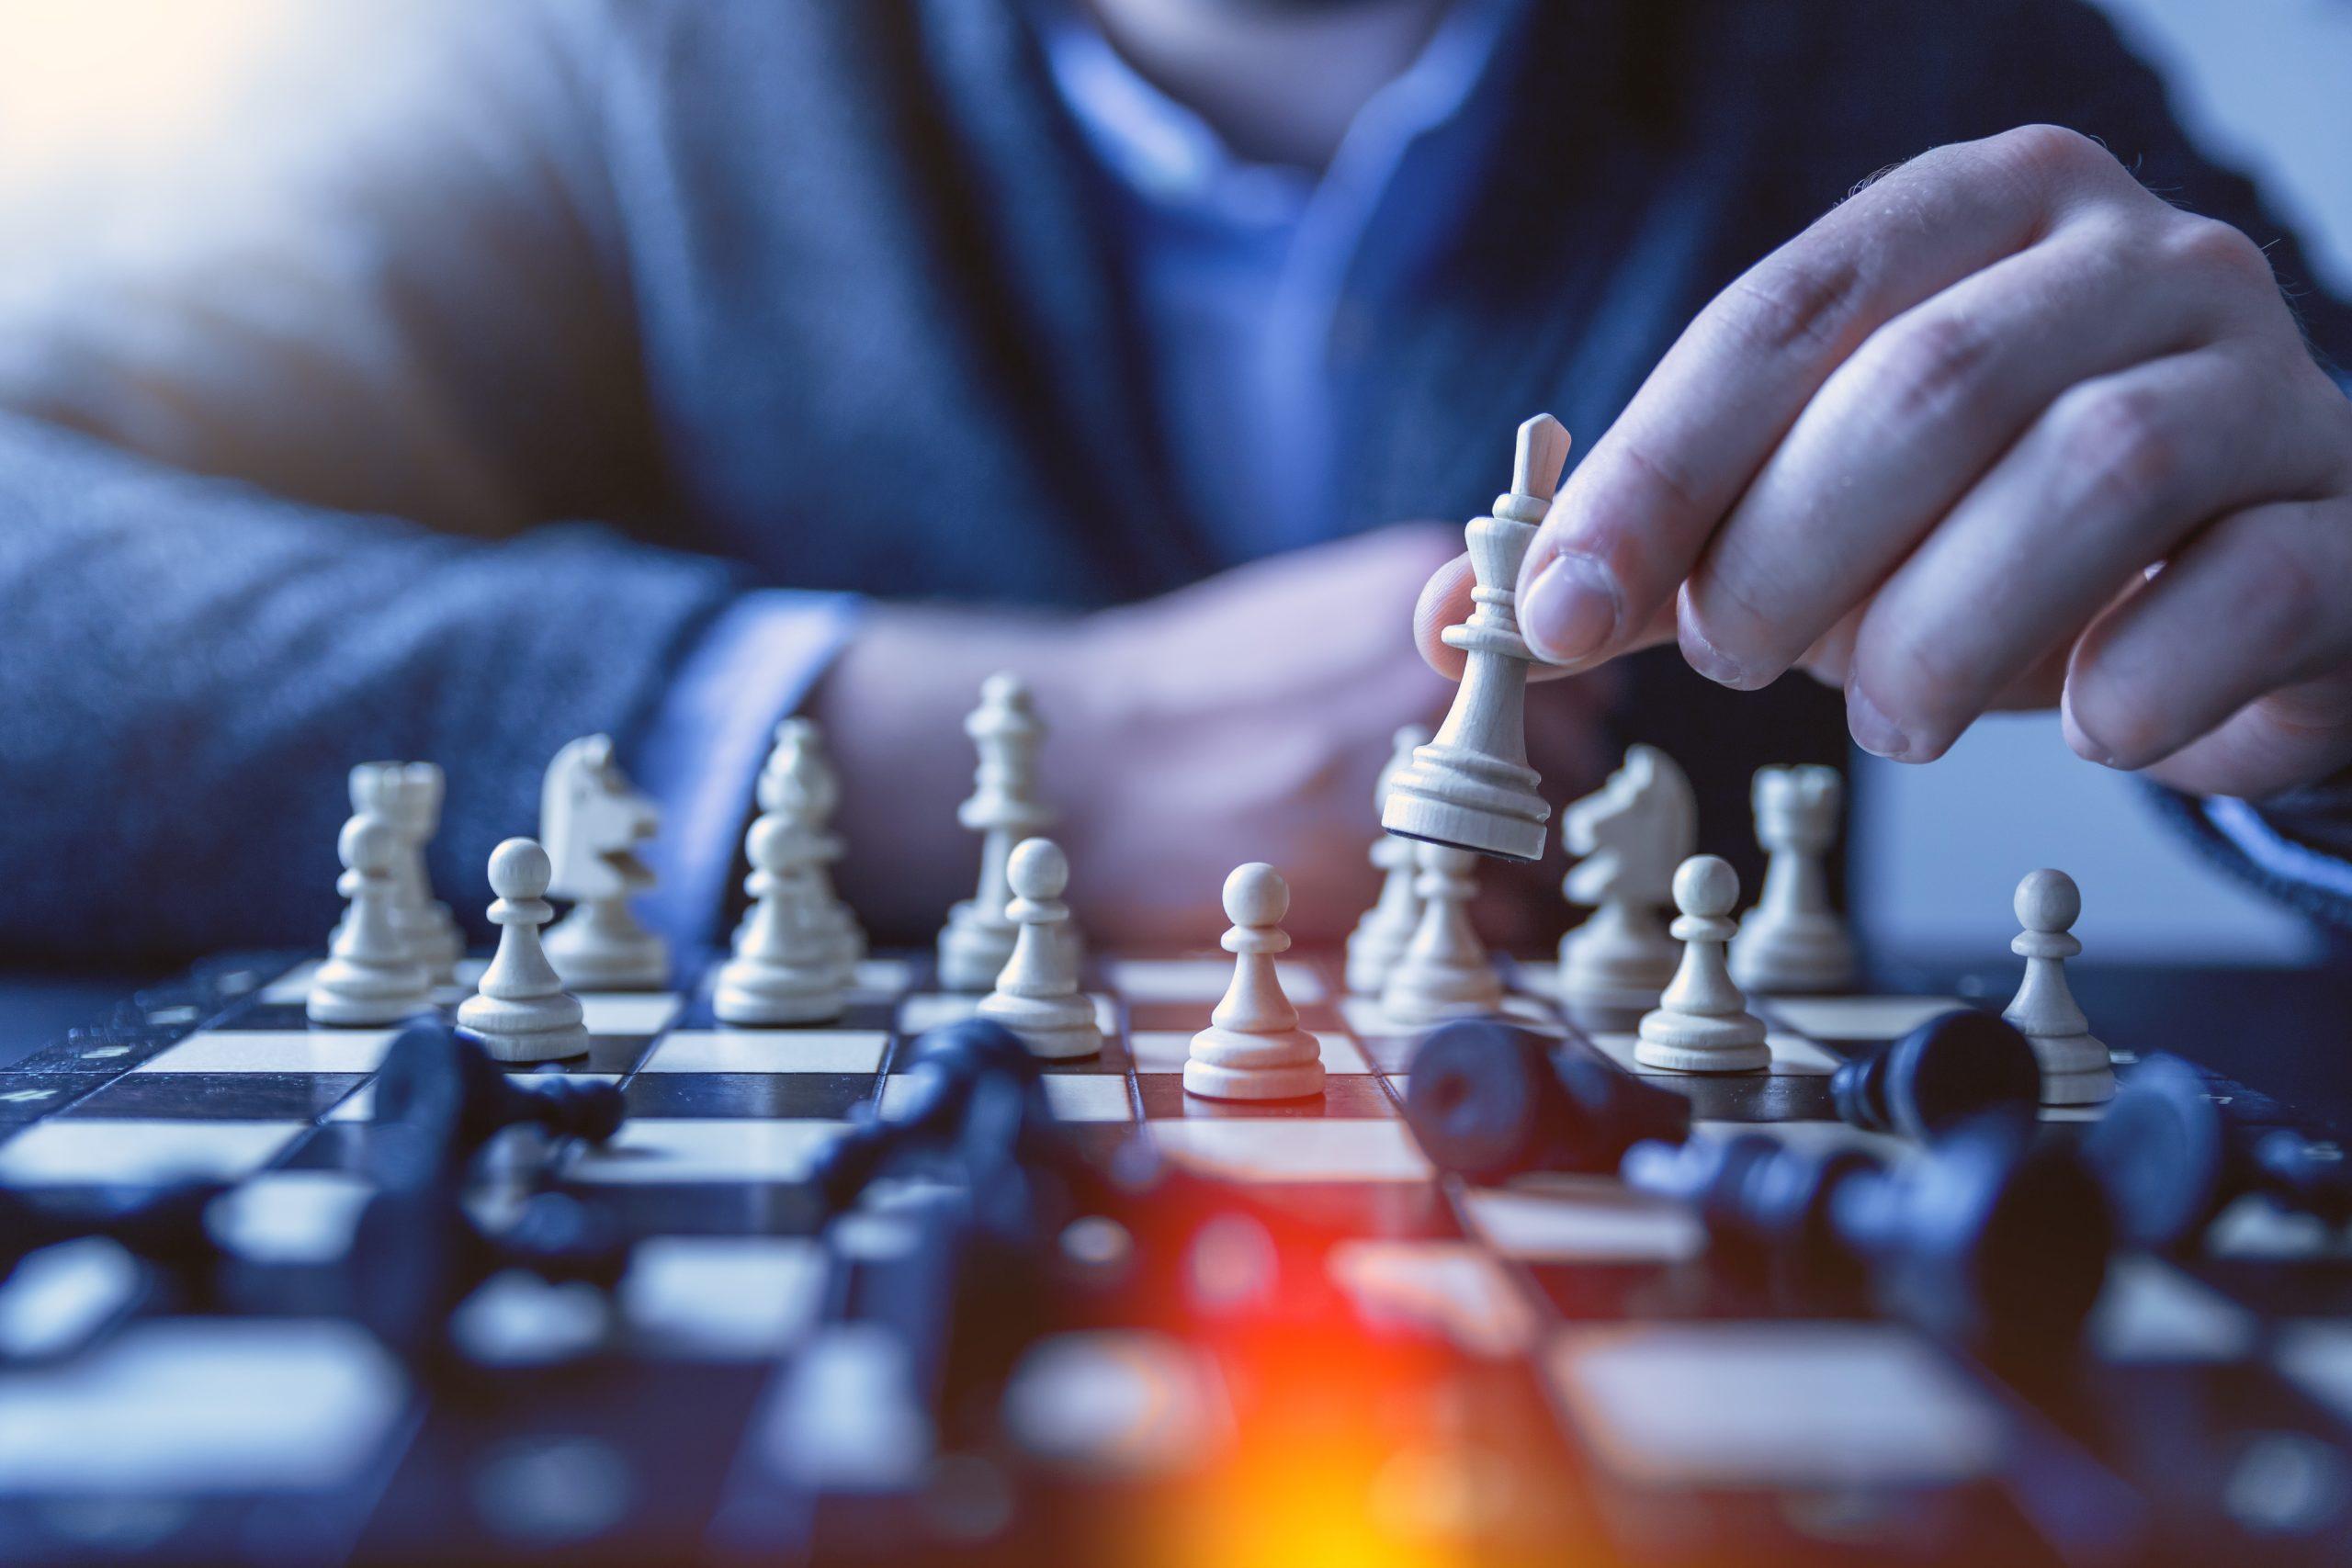 チェス、段取り、効率